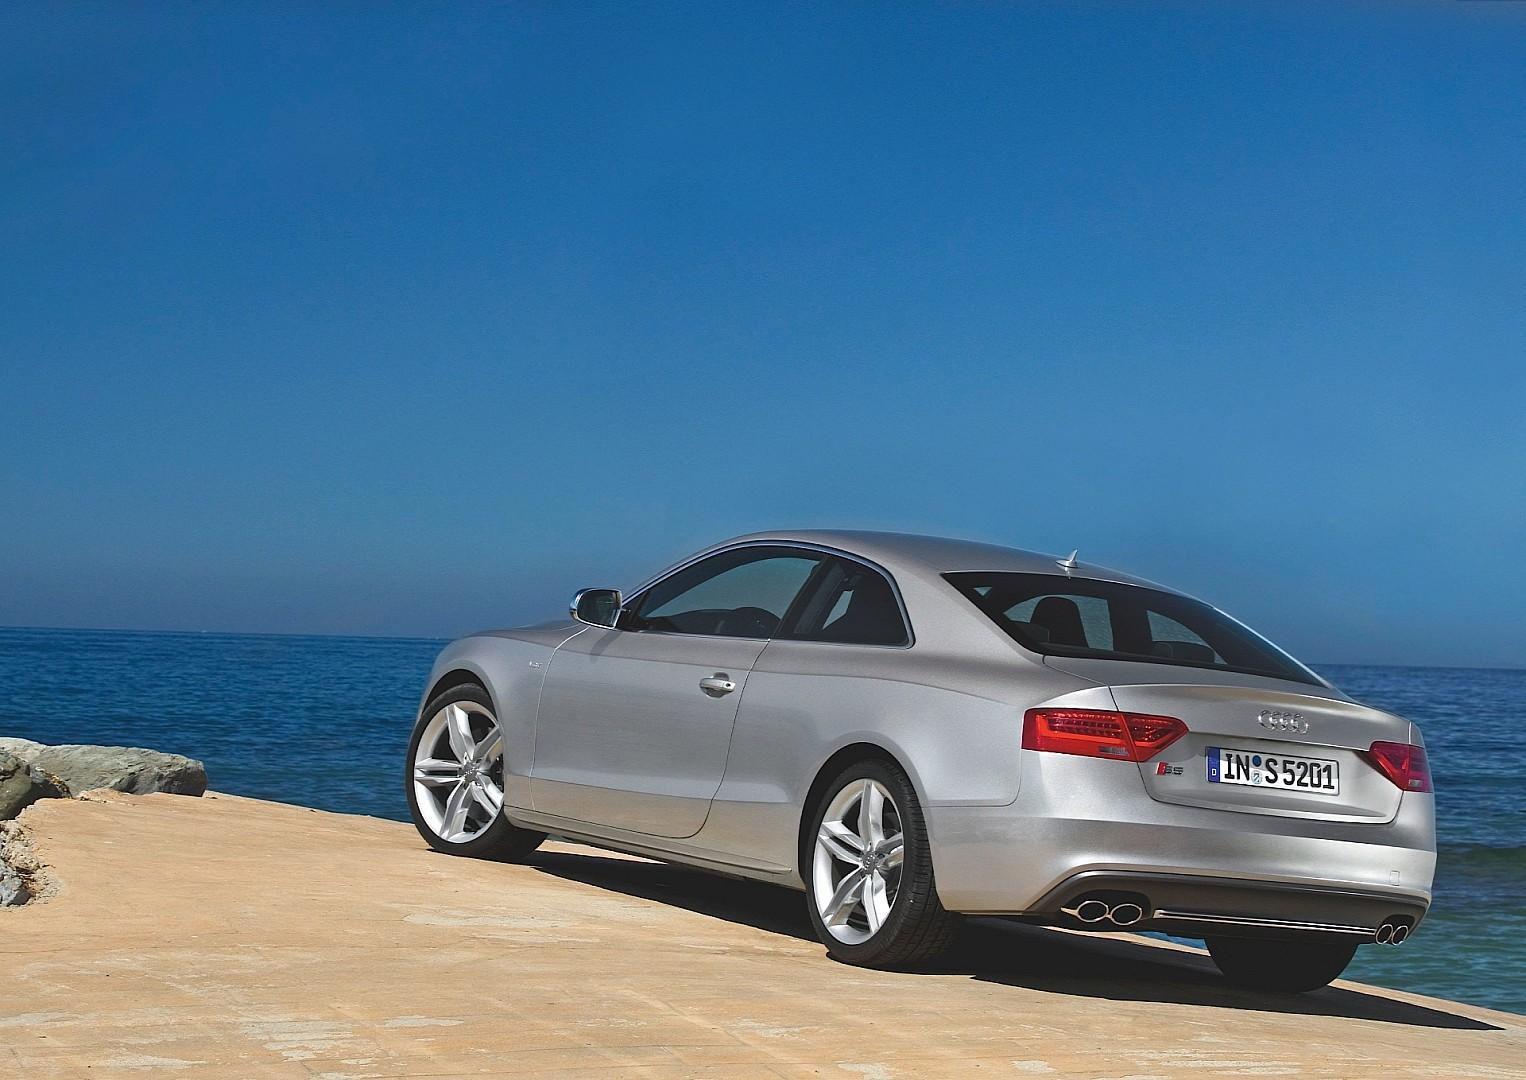 Audi s5 2012 Blue Exterior Audi s5 Coupe 2012